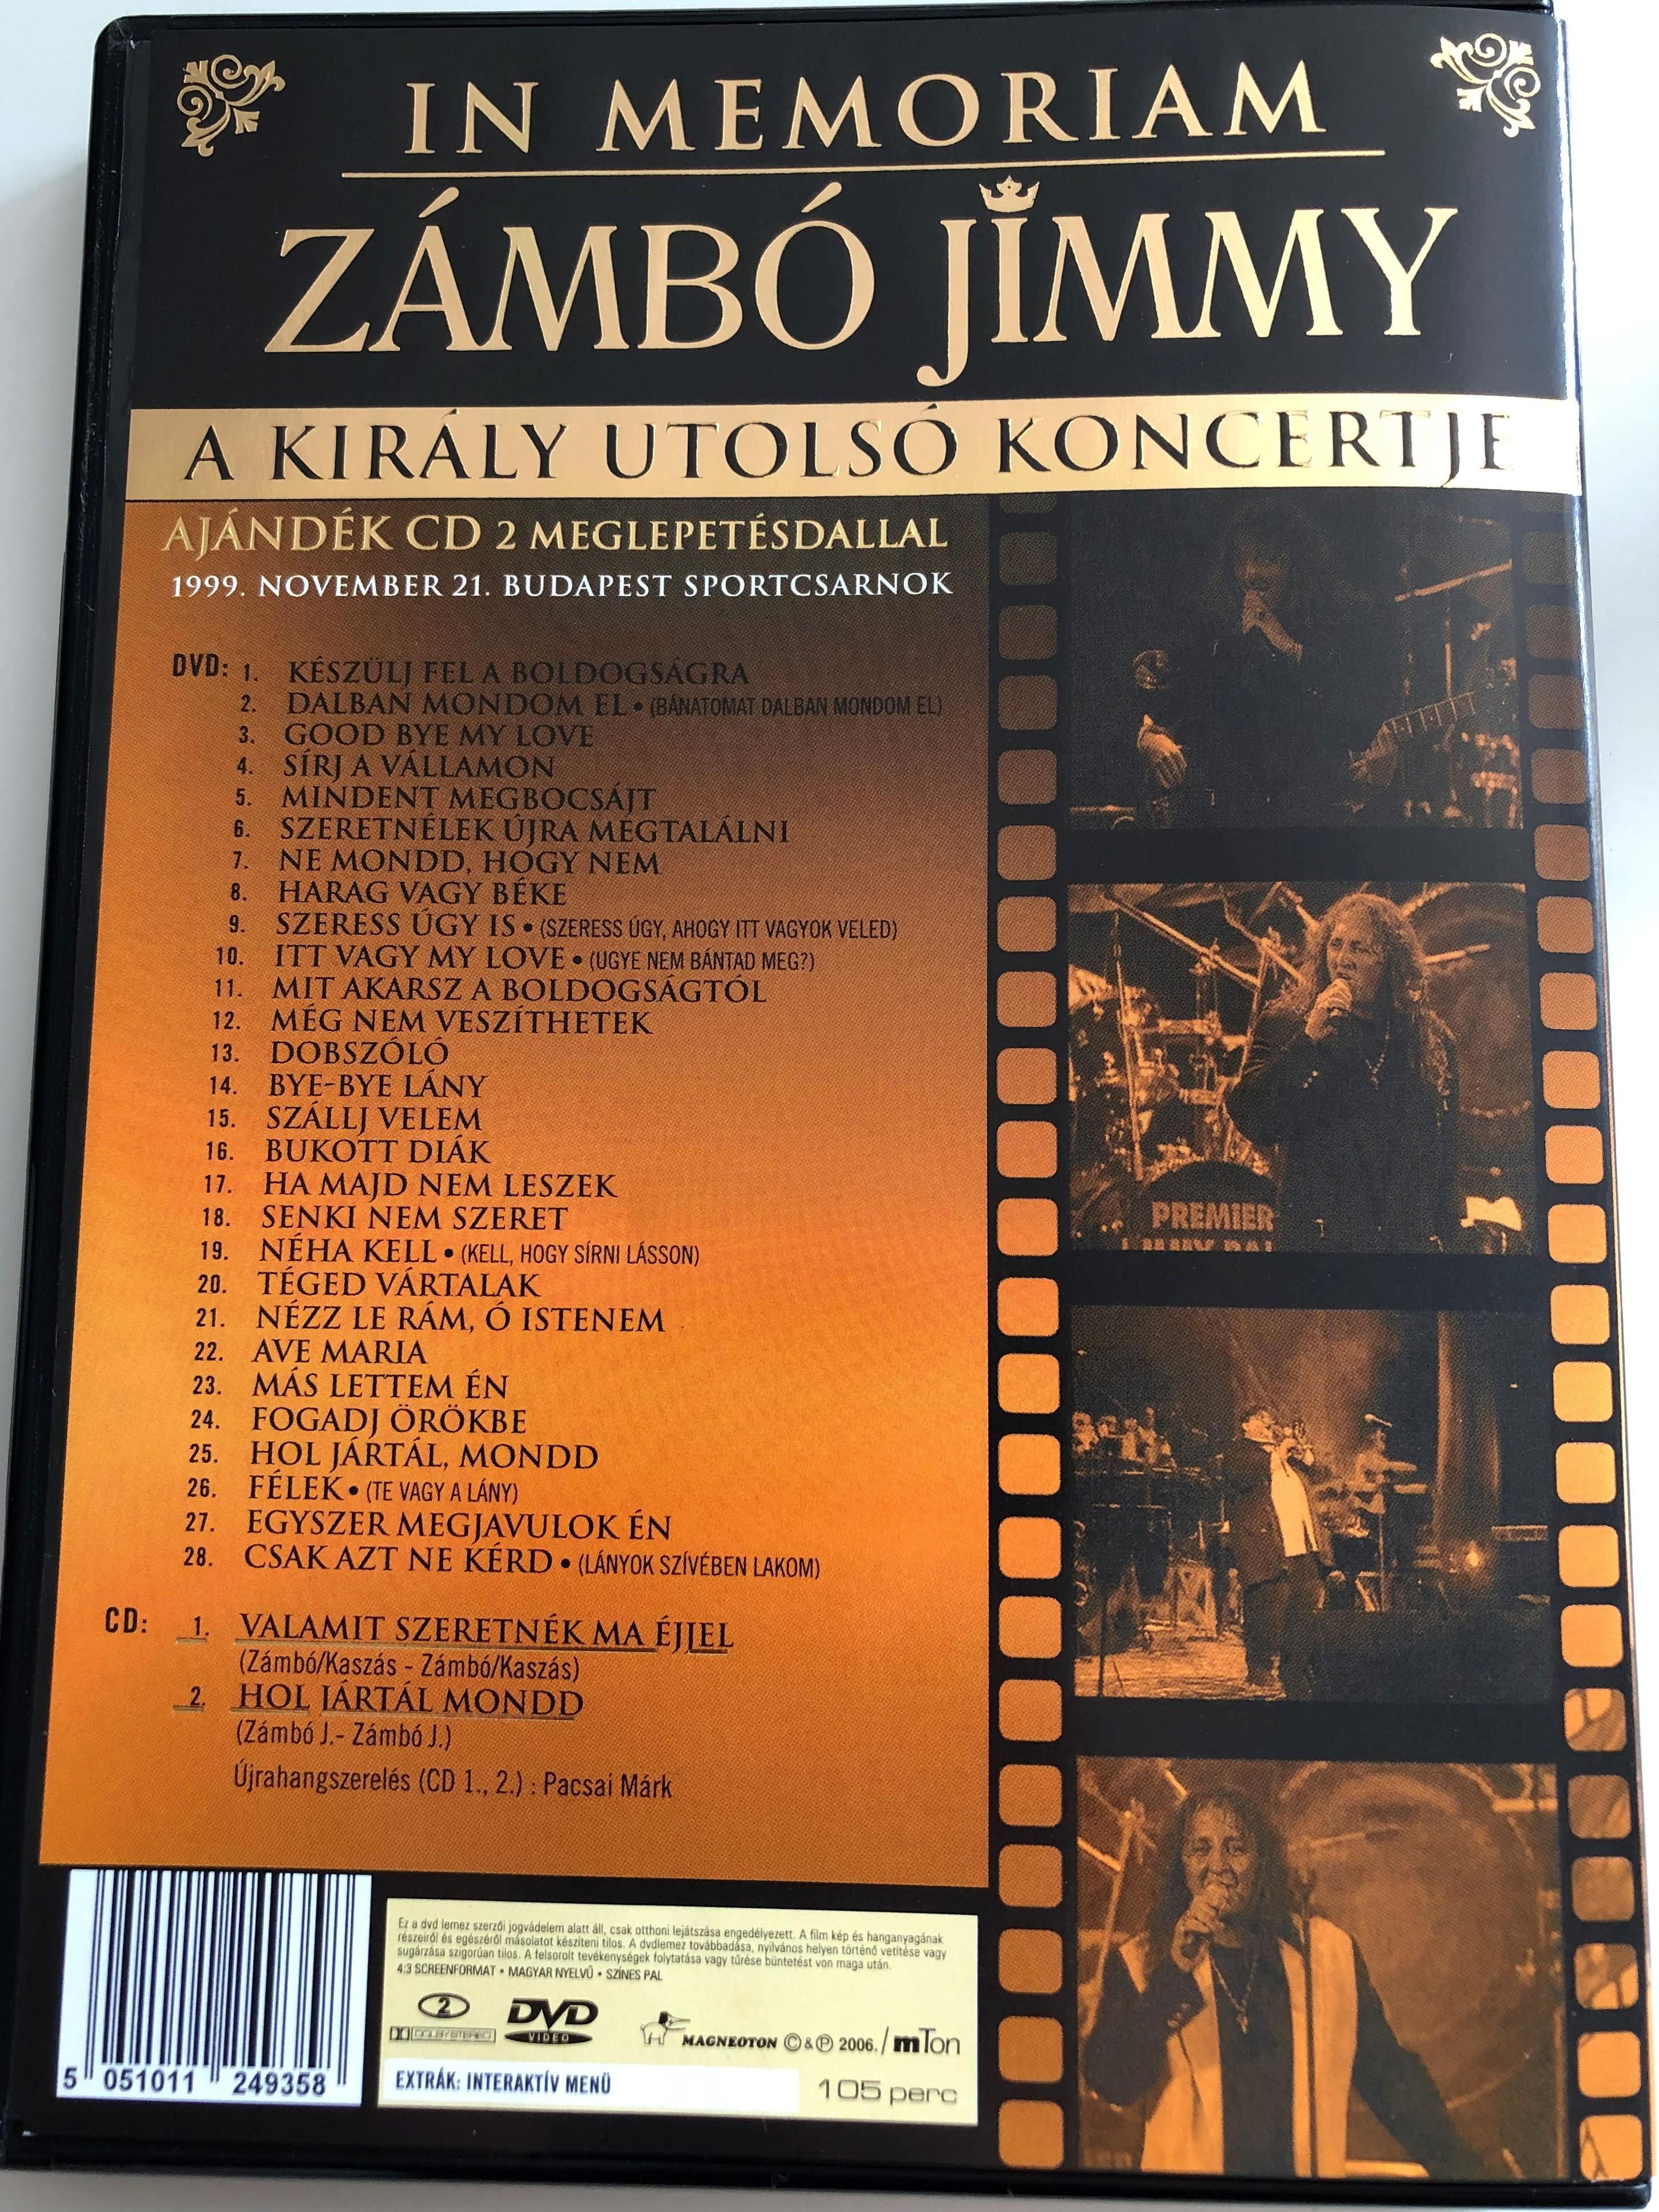 in-memoriam-z-mb-jimmy-dvd-2006-a-kir-ly-utols-koncertje-1999.-nov.-21-budapest-sportcsarnok-bonus-cd-with-2-extras-5-.jpg